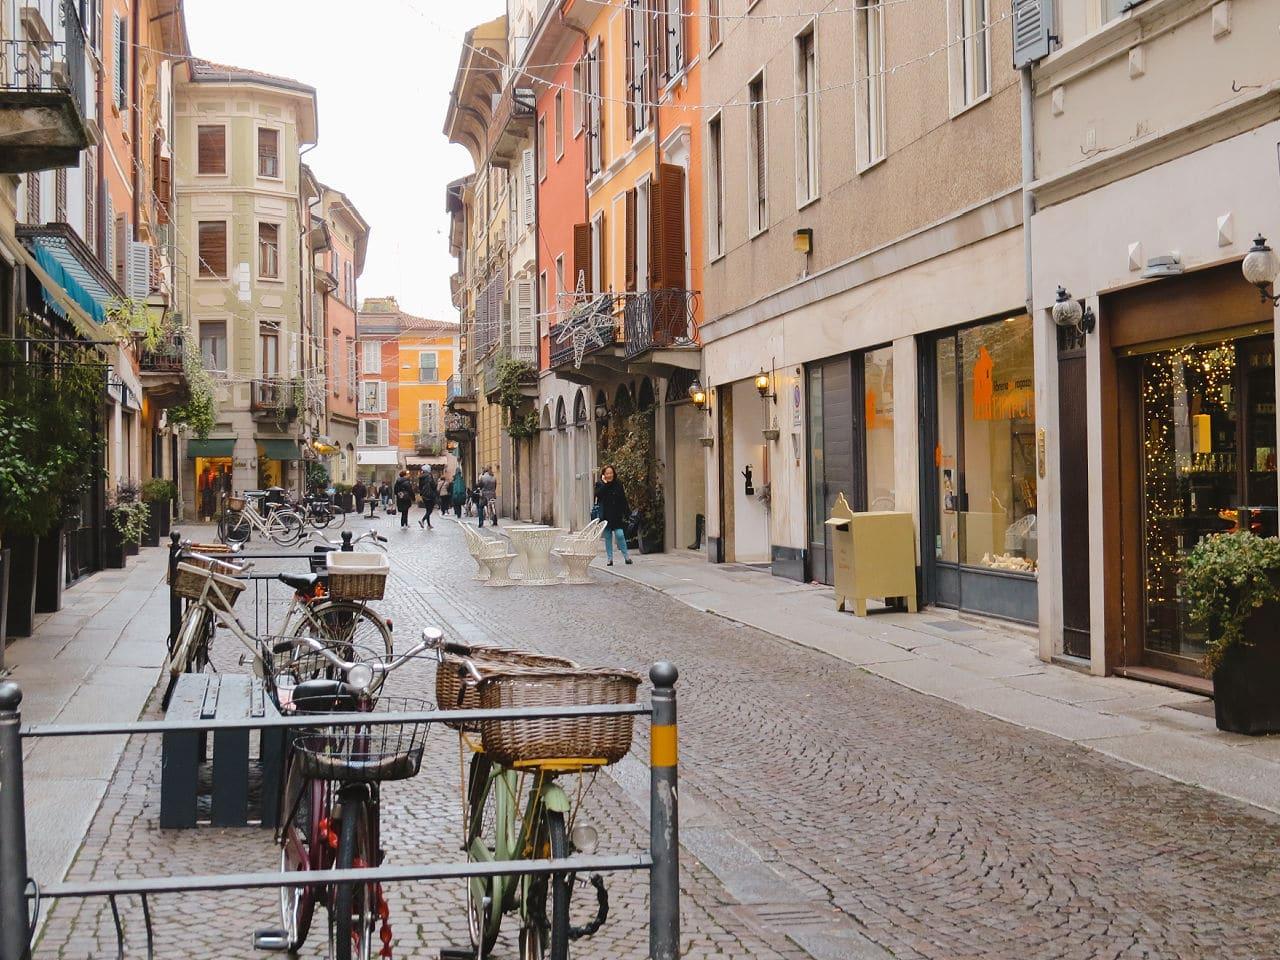 Cremona: Dicas do que ver, fazer e comer